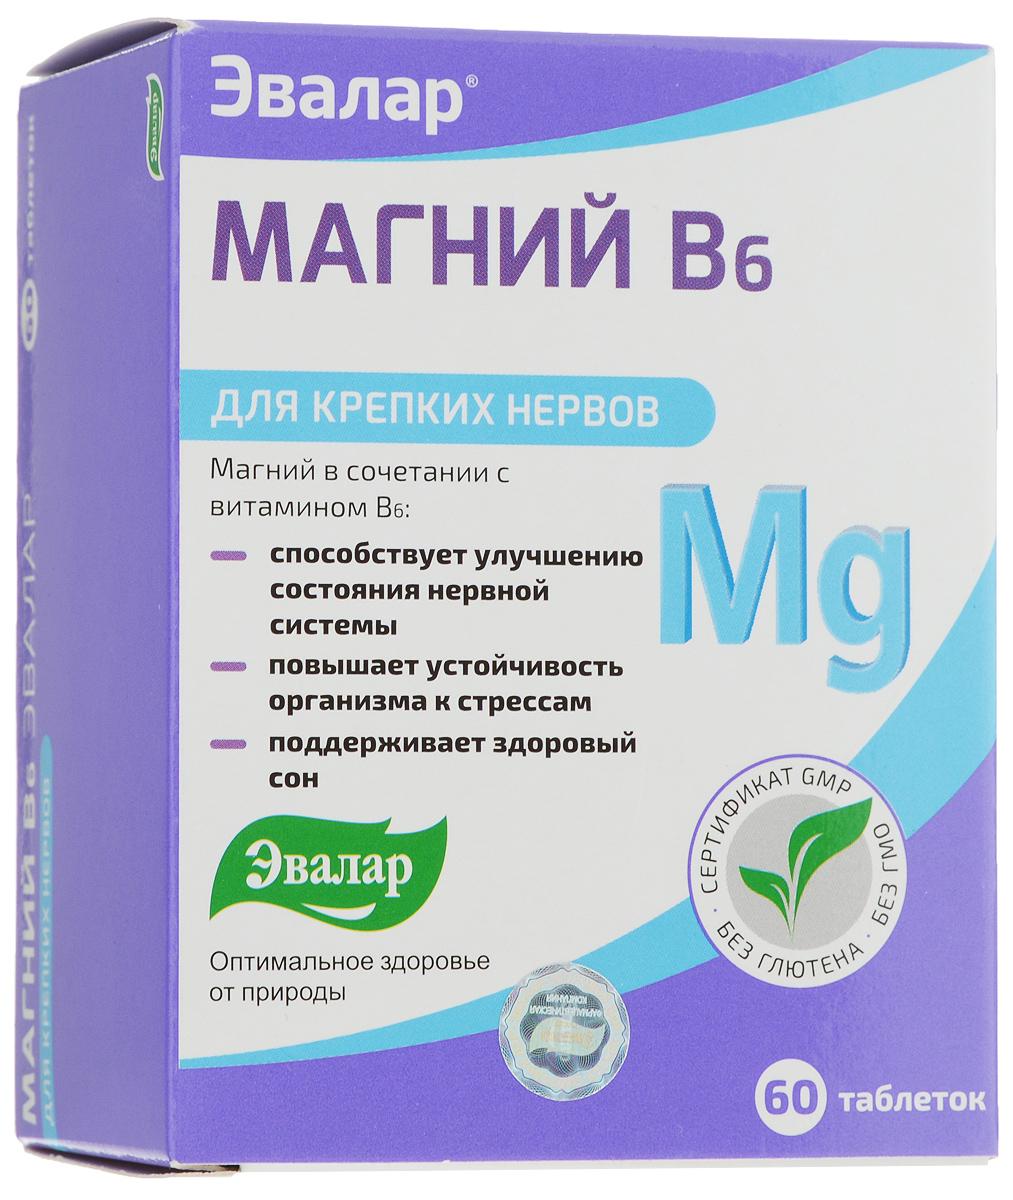 Магний В6 Эвалар, для крепких нервов, 60 таблетокWS 7064Магний в сочетании с витамином В6 способствует улучшению состояния нервной системы, повышает устойчивость организма к стрессам, поддерживает здоровый сон. Магний является жизненно важным макроэлементом. В стрессовых ситуациях организм теряет значительное количество ионов магния, в связи с чем его дополнительный прием защищает организм от последствий стресса. Магний поддерживает клеточный иммунитет, учувствует в регуляции обмена веществ, способствует правильному распределению кальция в организме, снятию мышечных спазмов и судорог. Витамин В6 улучшает усвоение магния и его метаболизм в клетке, обладает способностью фиксировать магний в клетке, что очень важно, поскольку макроэлемент быстро выводится из организма. Рекомендации по применению: Взрослым по 2 таблетки 3 раза в день во время еды. Продолжительность приема - не менее 1 месяца. Состав: магния аспарагинат, мальтодекстрин, целлюлоза микрокристаллическая (наполнитель), поливинилпирролидон и кроскарамеллоза (носители), диоксид кремния аморфный, стеарат кальция и стеариновая кислота растительного происхождения (антислеживающие добавки), крахмал кукурузный (наполнитель), пиридоксина гидрохлорид; компоненты пленочного покрытия: гидроксипропилметилцеллюлоза, глицерин. Товар не является лекарственным средством. Товар не рекомендован для лиц младше 18 лет. Могут быть противопоказания, и следует предварительно проконсультироваться со специалистом. Товар сертифицирован.